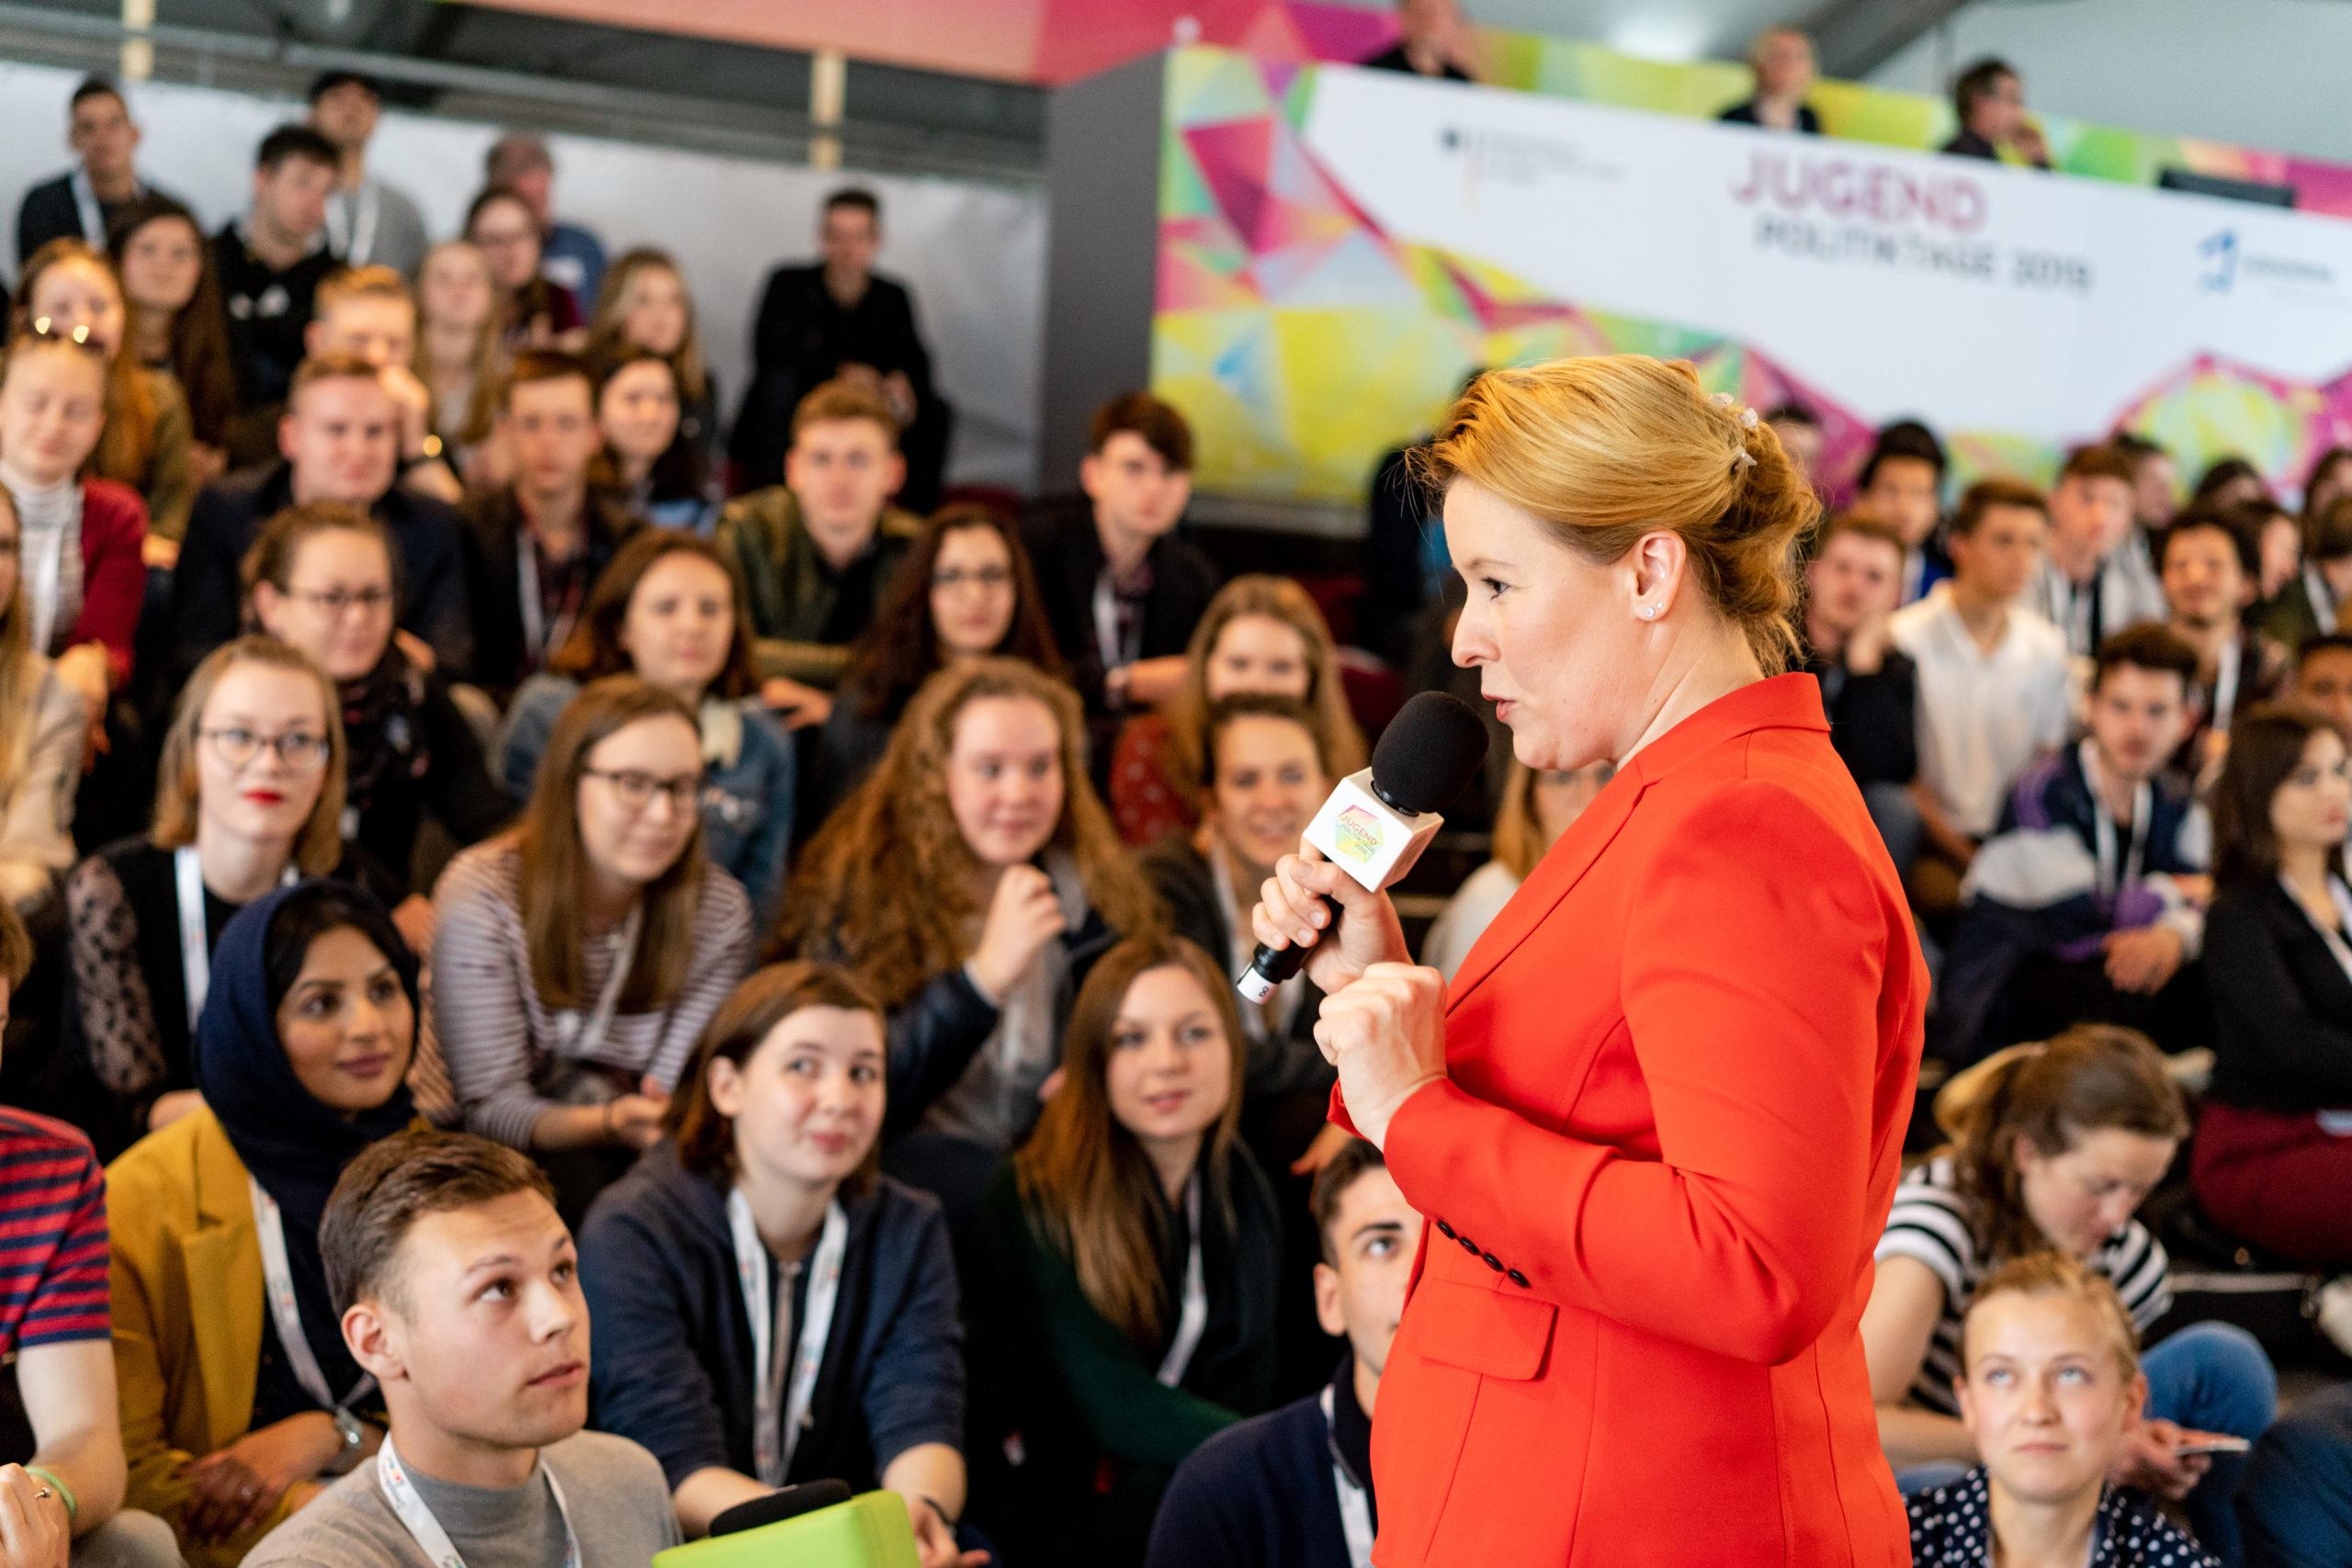 Franziska Giffey tauscht sich mit den Teilnehmenden der Jugendpolitiktage 2019 aus.